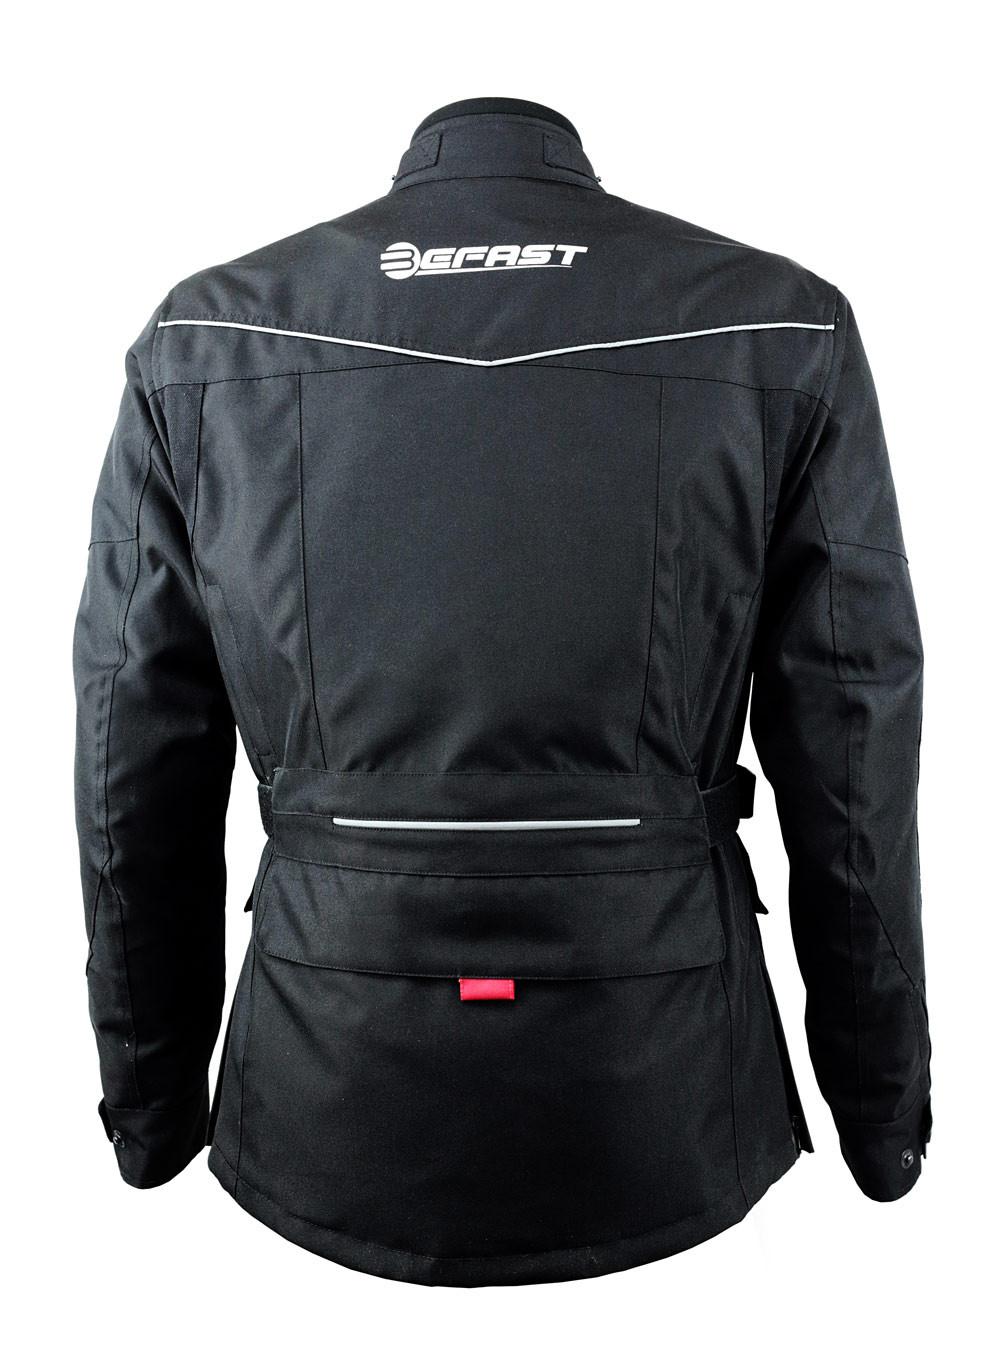 giacca moto touring befast four climath 4 stagioni nero